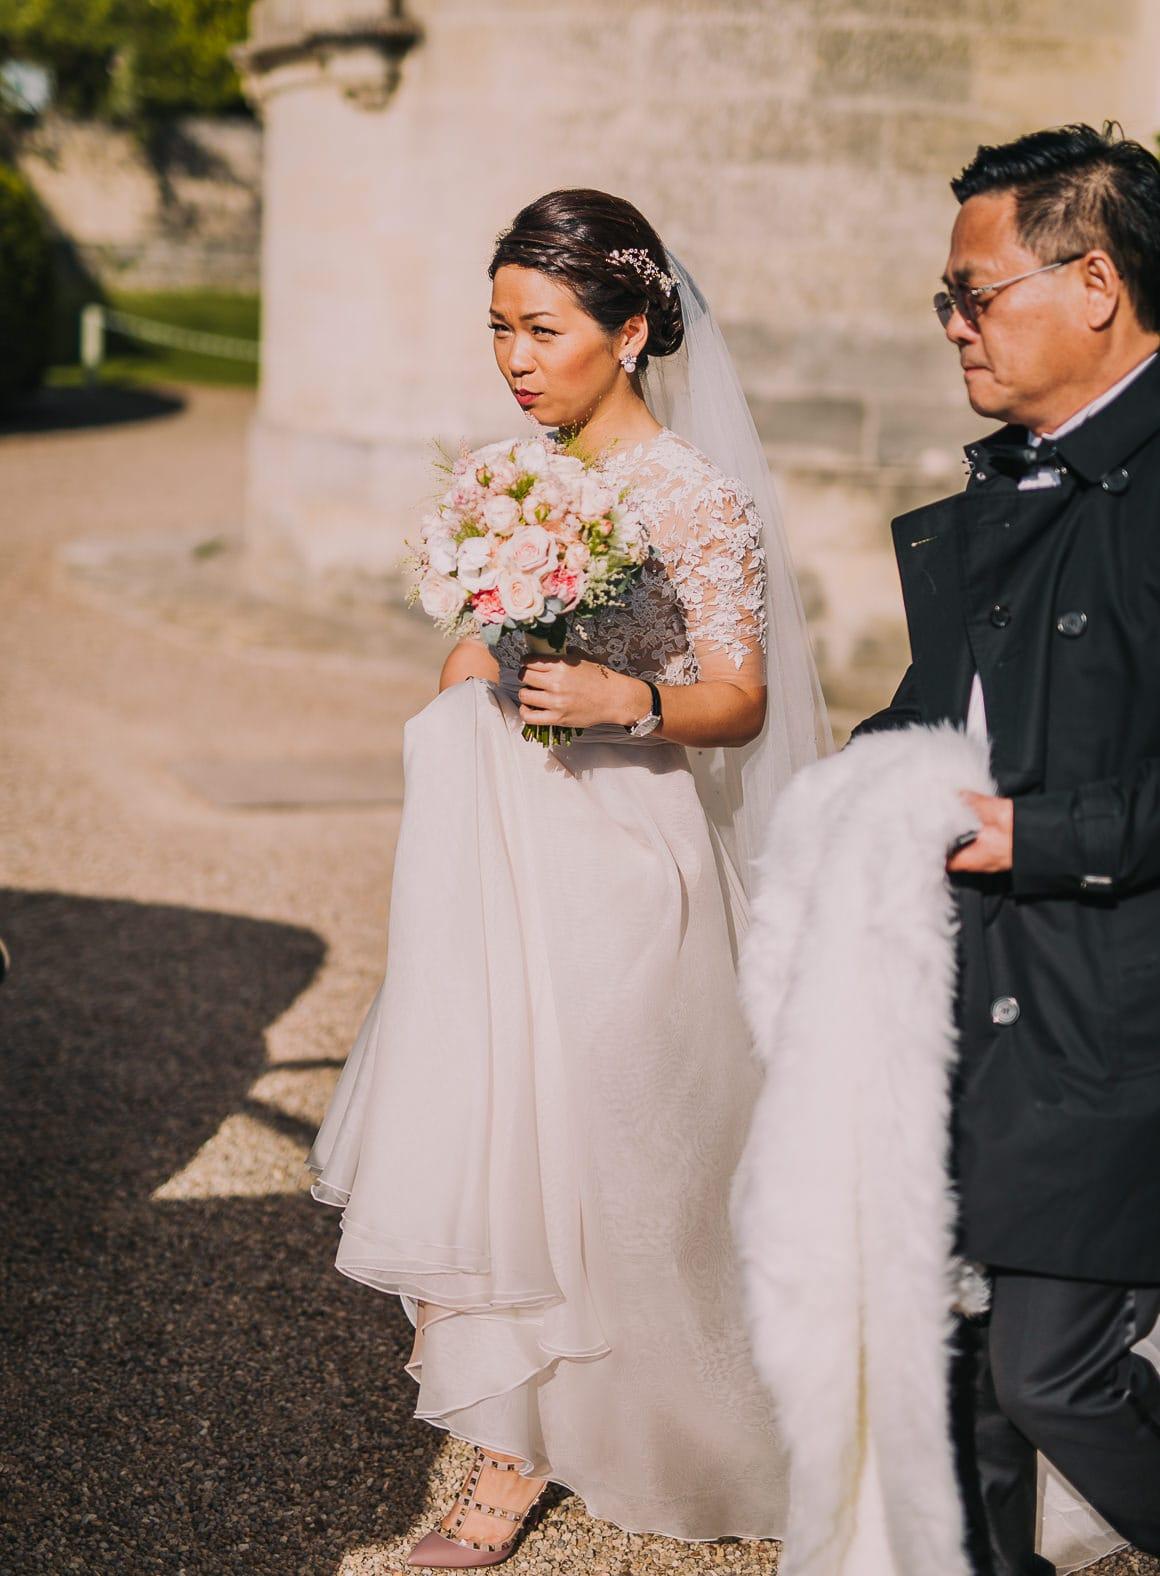 Mariage Chateau Bourdaisiere